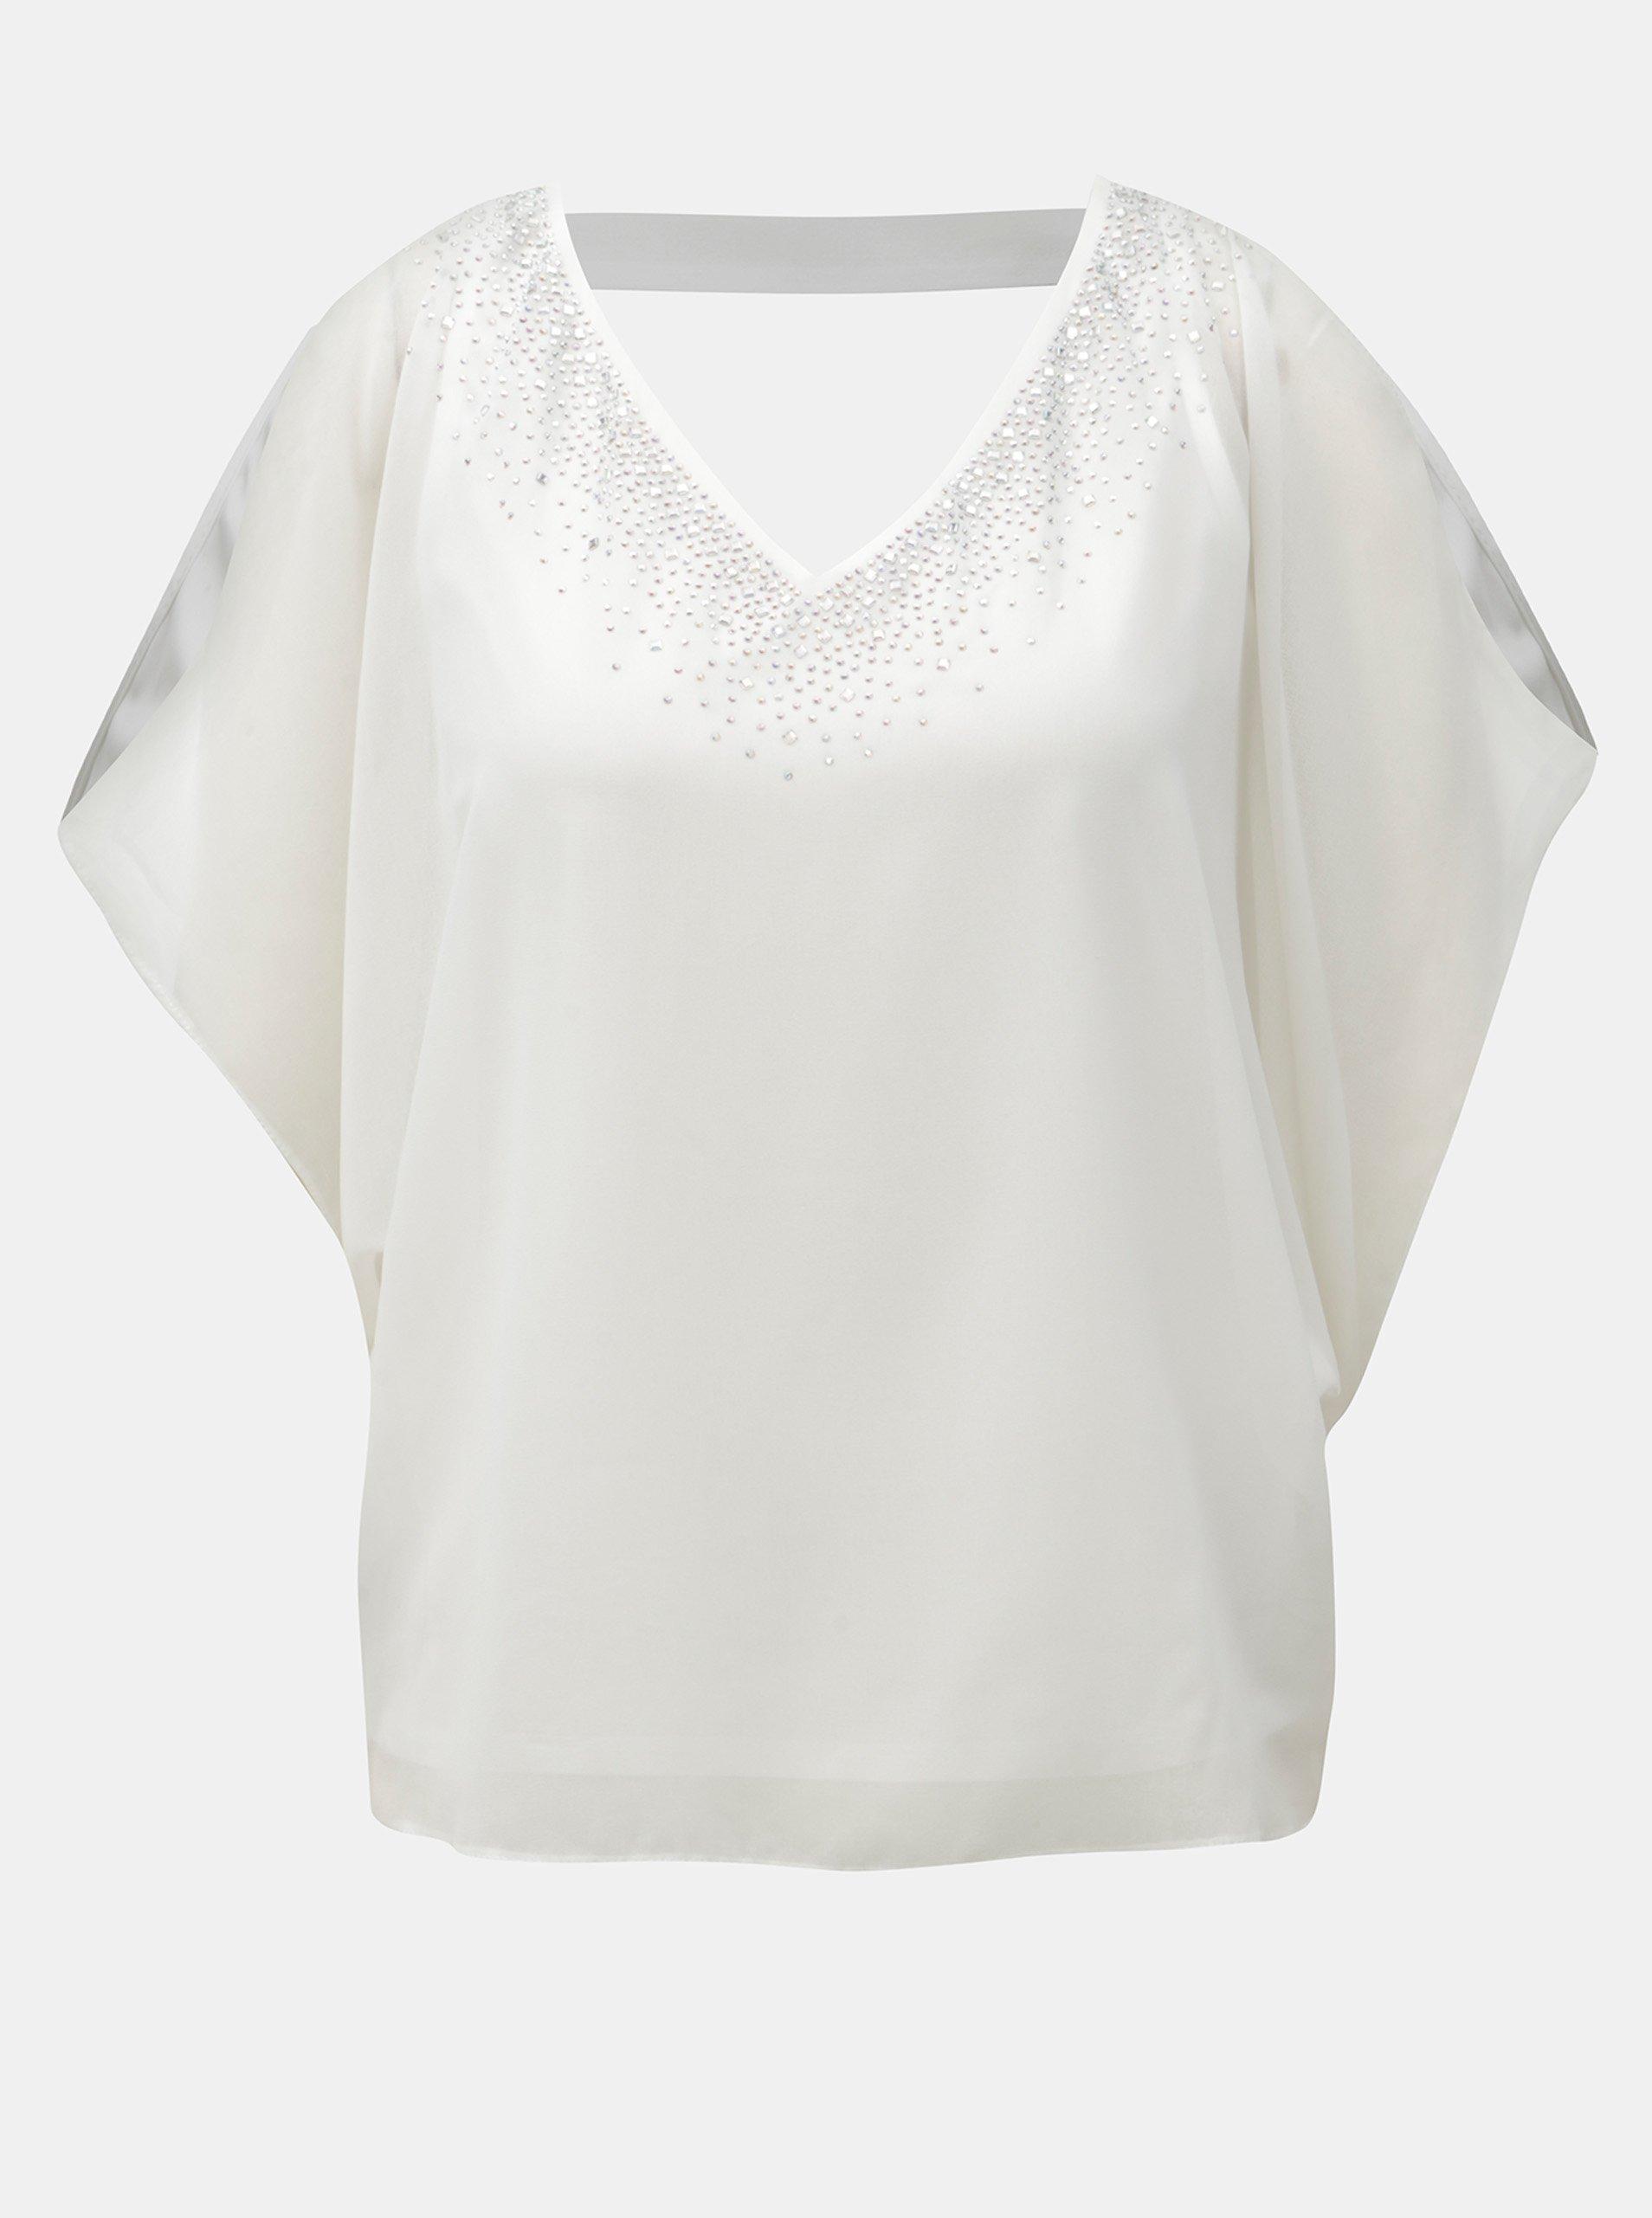 Biela blúzka s priestrihom na chrbte a na ramenách Billie & Blossom Petite